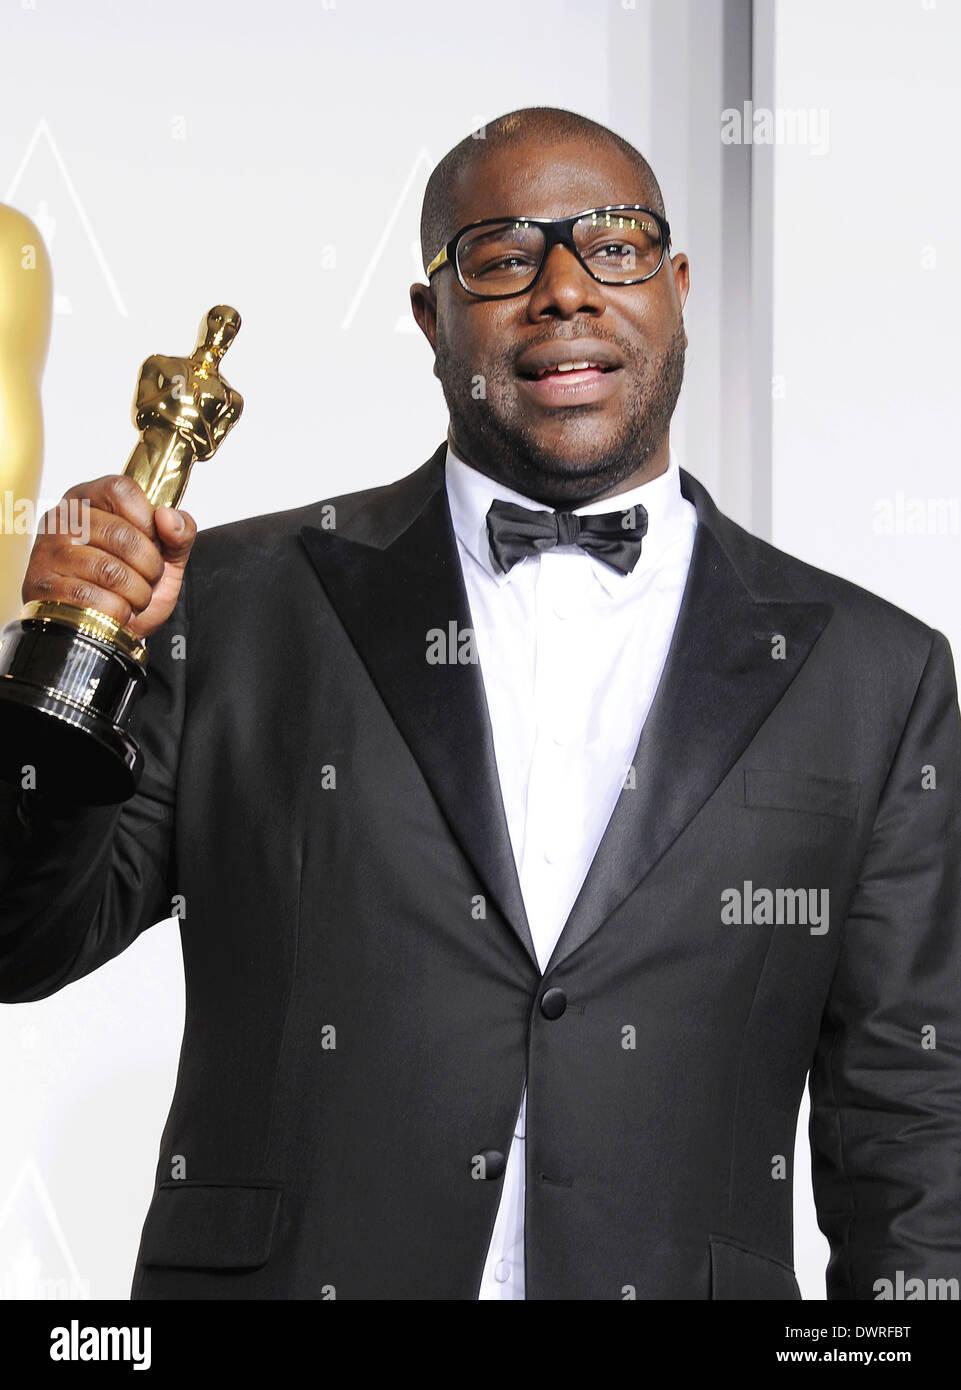 STEVE McQUEEN producteur du film anglais qui a remporté le Best Photo pendant douze ans, un esclave à l'Oscars 2014 . Photo Jeffrey Mayer Photo Stock